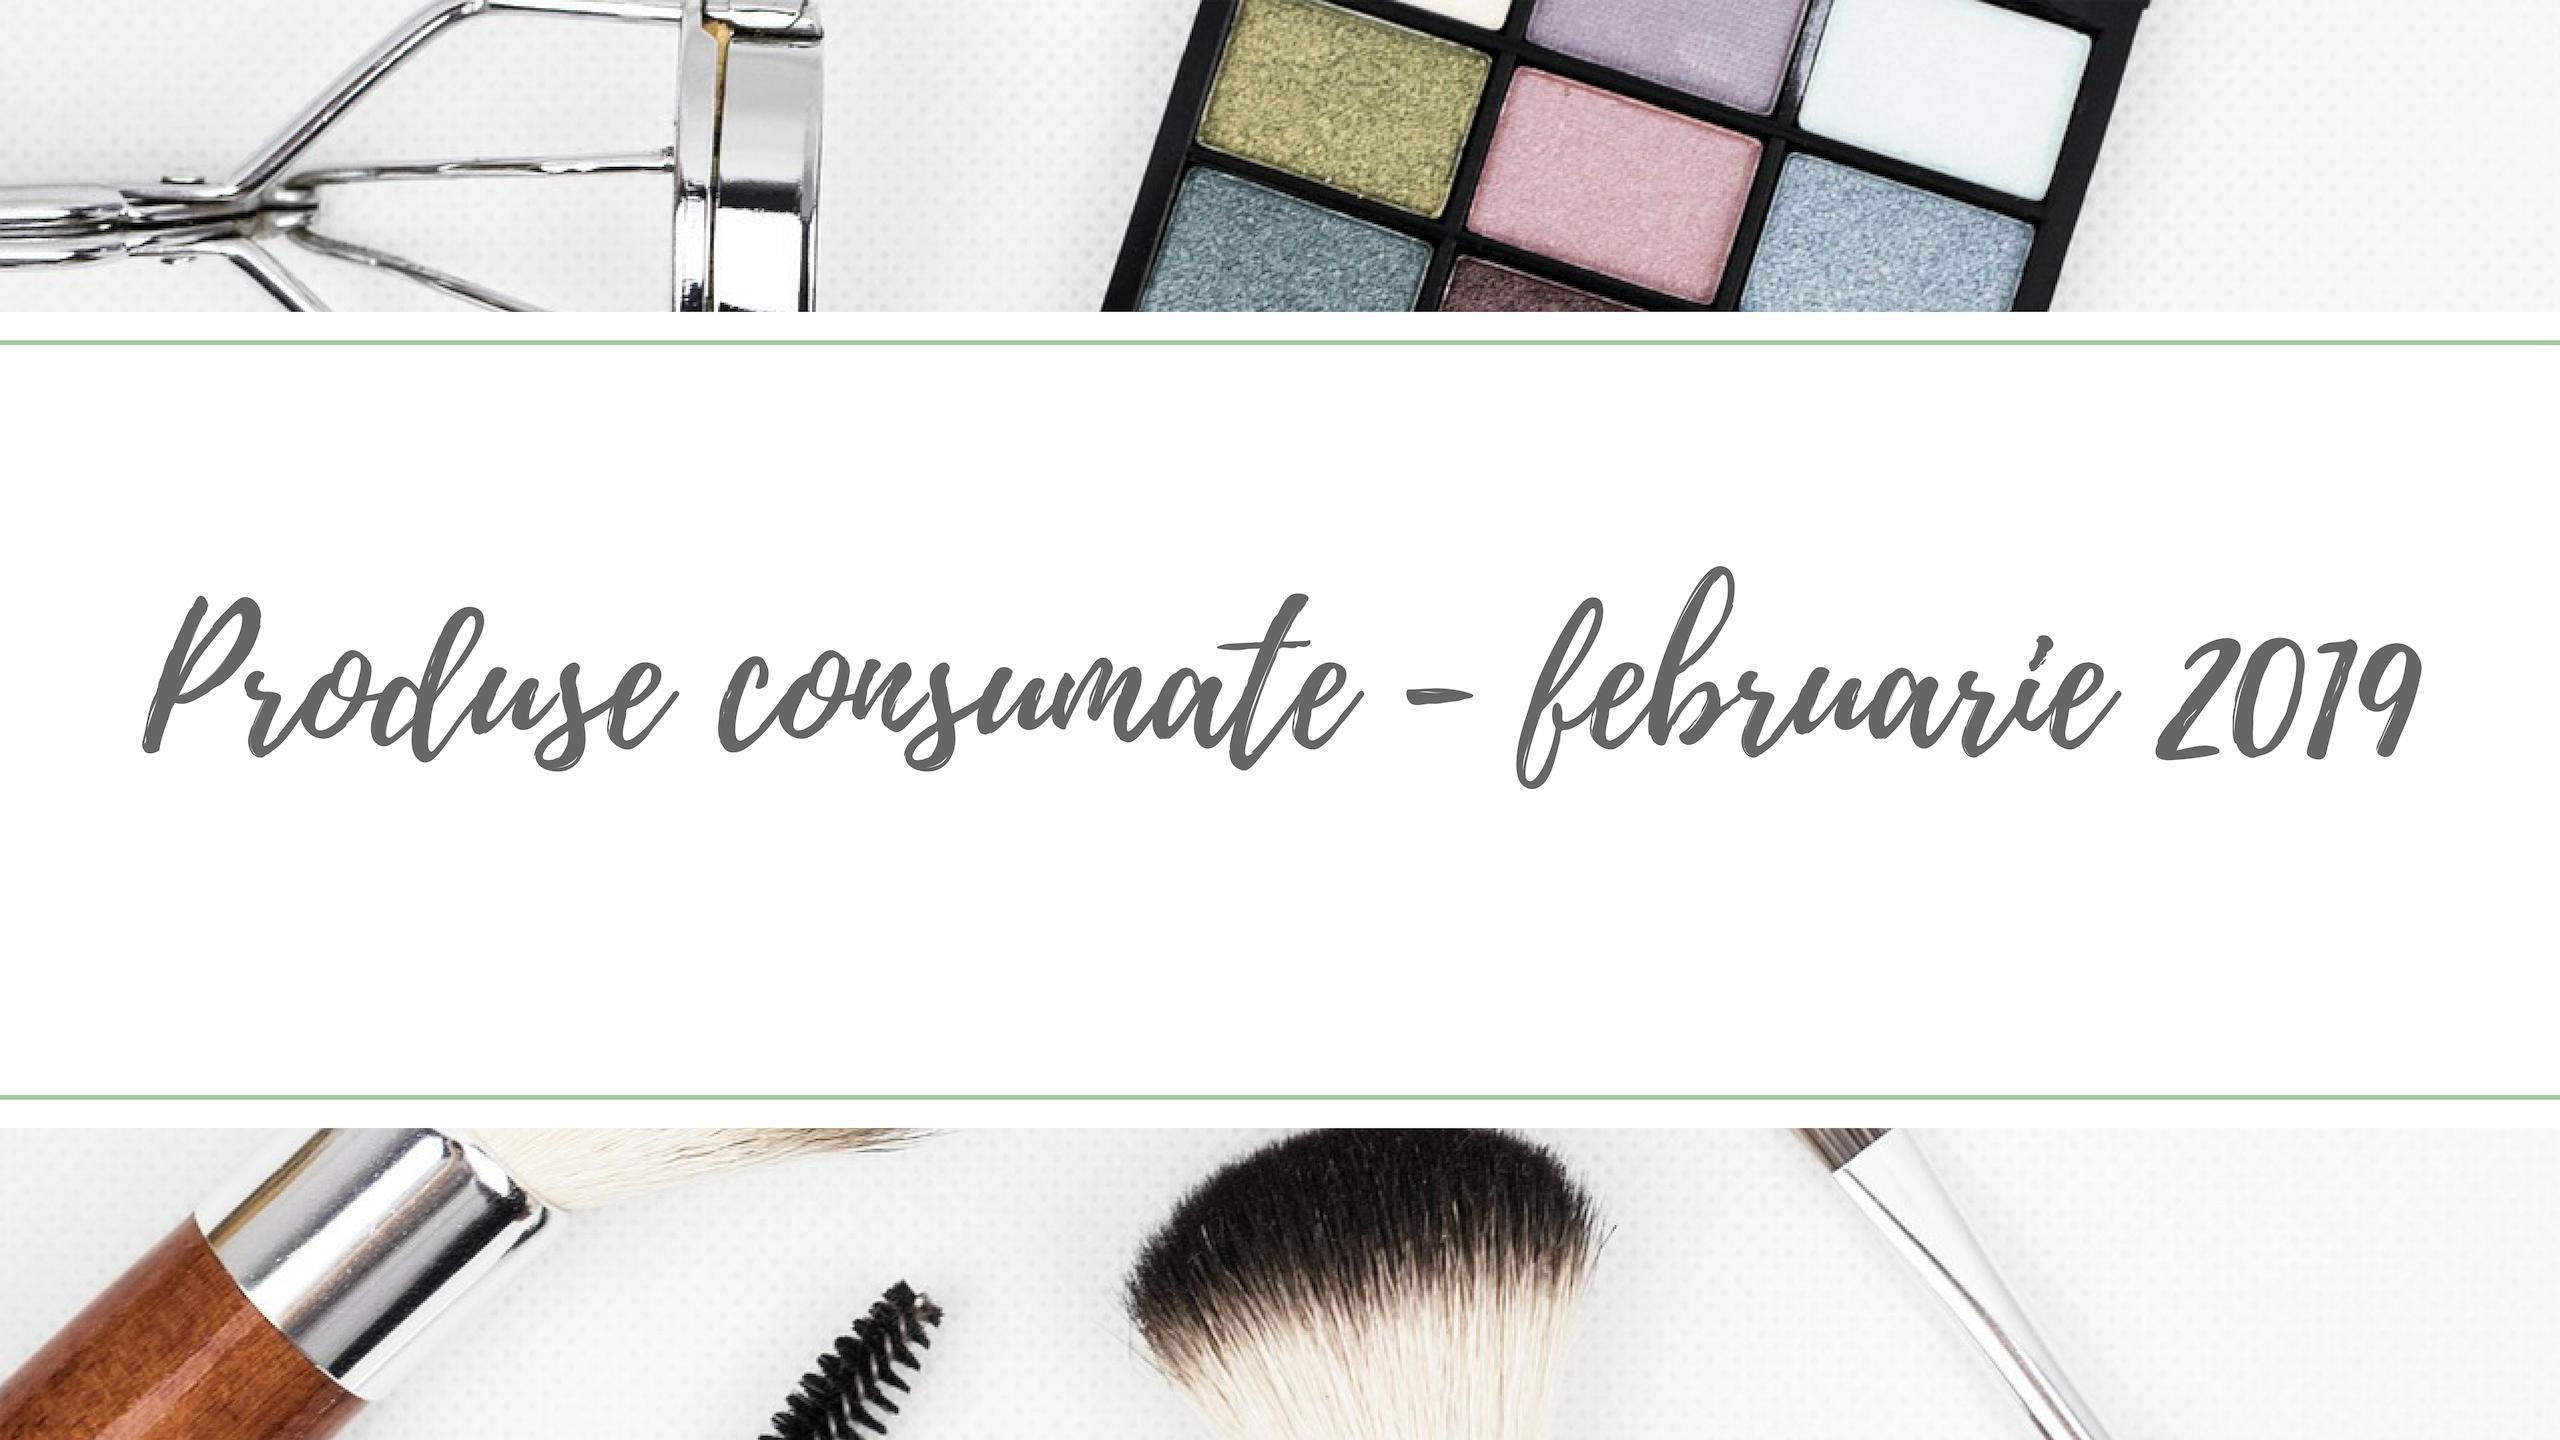 produse consumate februarie 2019